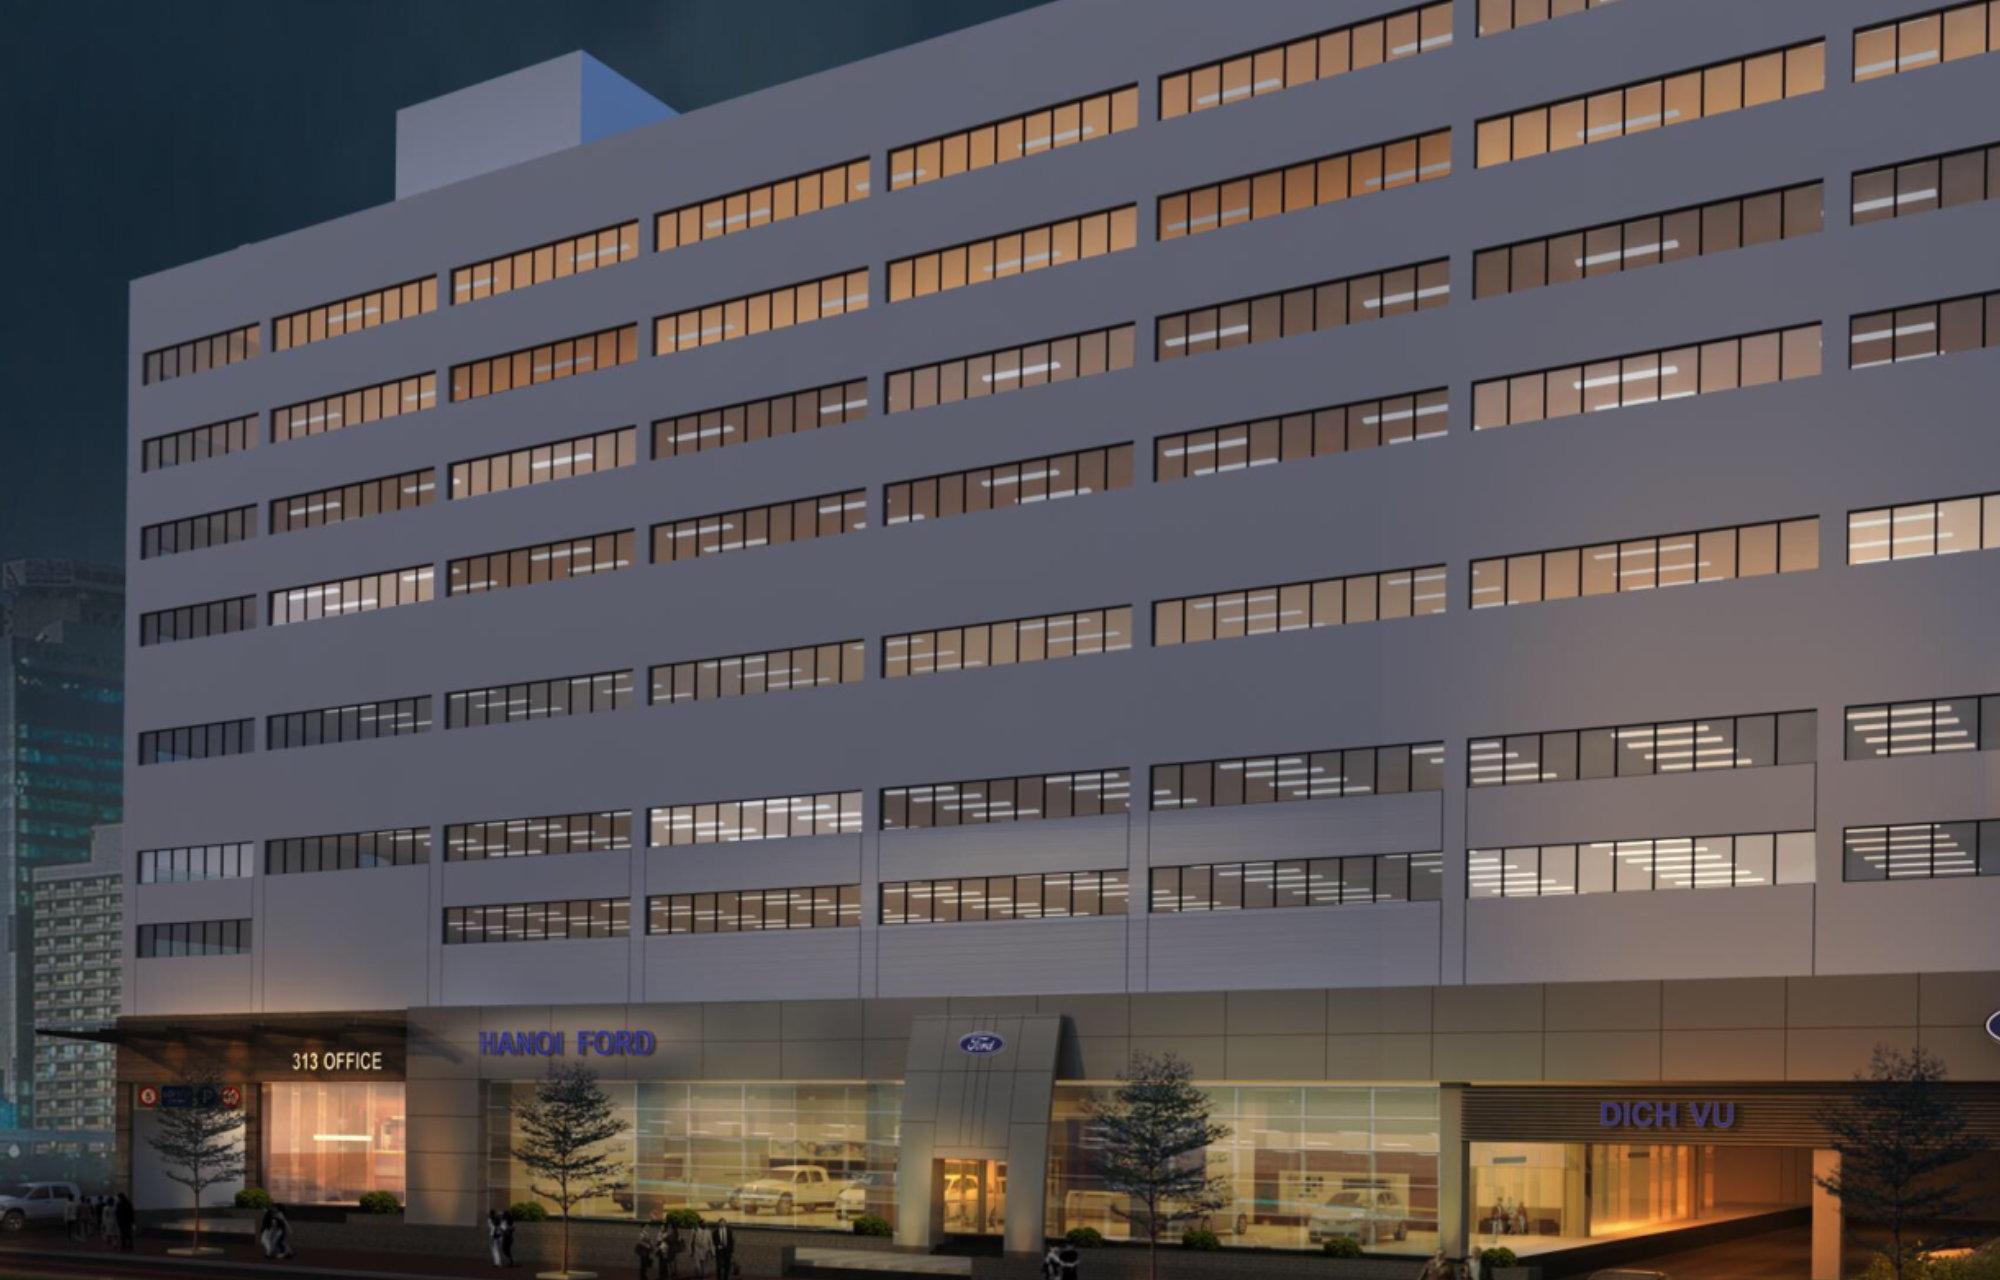 cơ sở mới của Hà Nội Ford